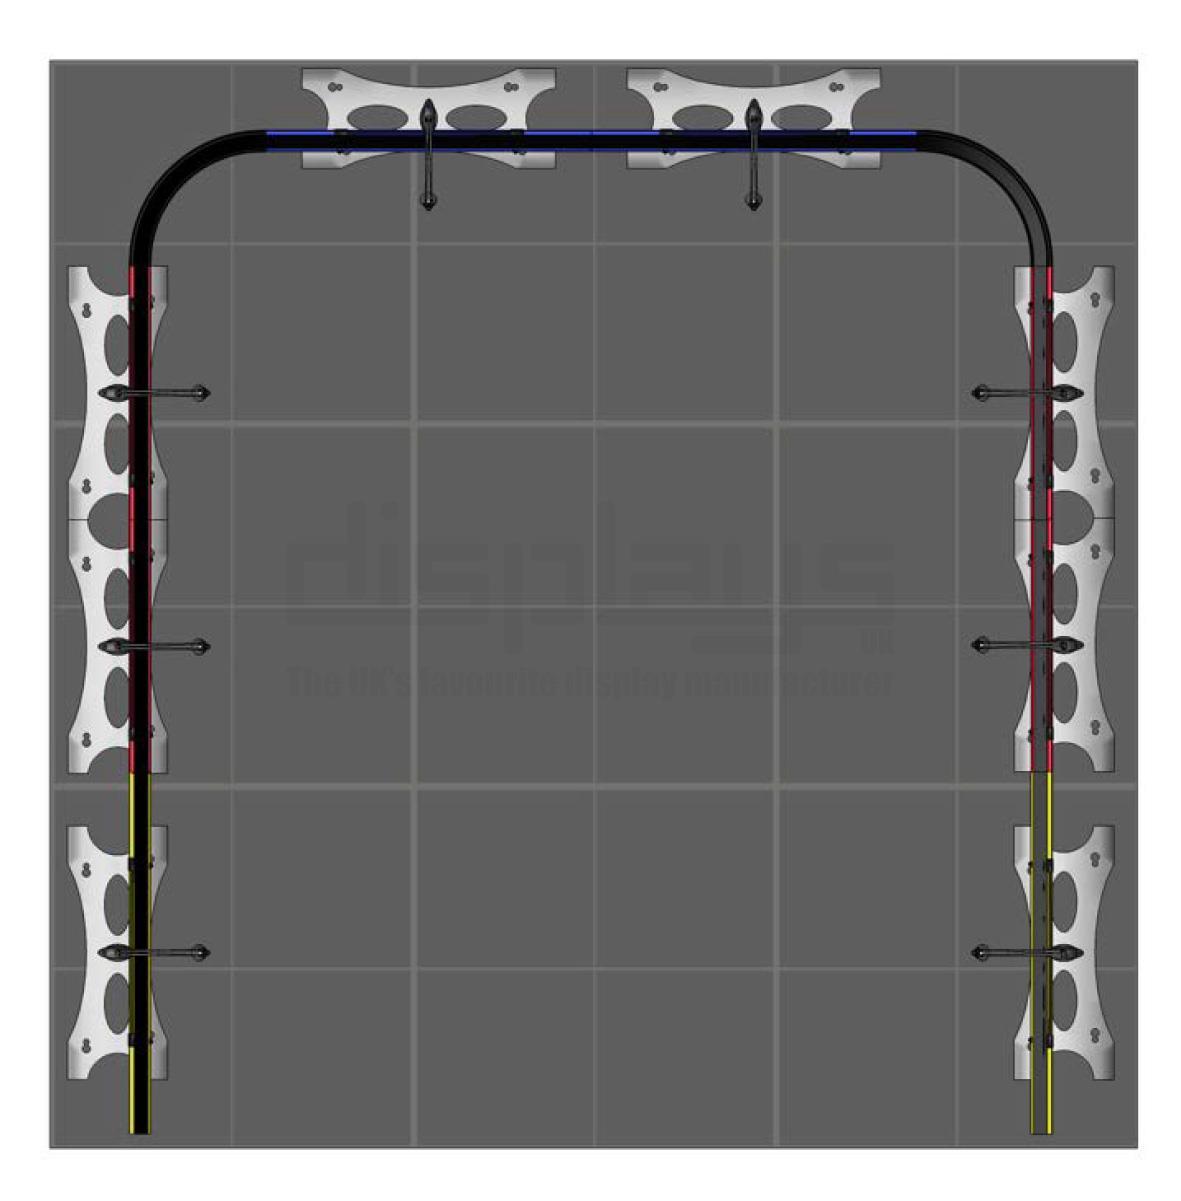 Twist Banner 3m x 3m Exhibition Stand - U Shape - Kit 38